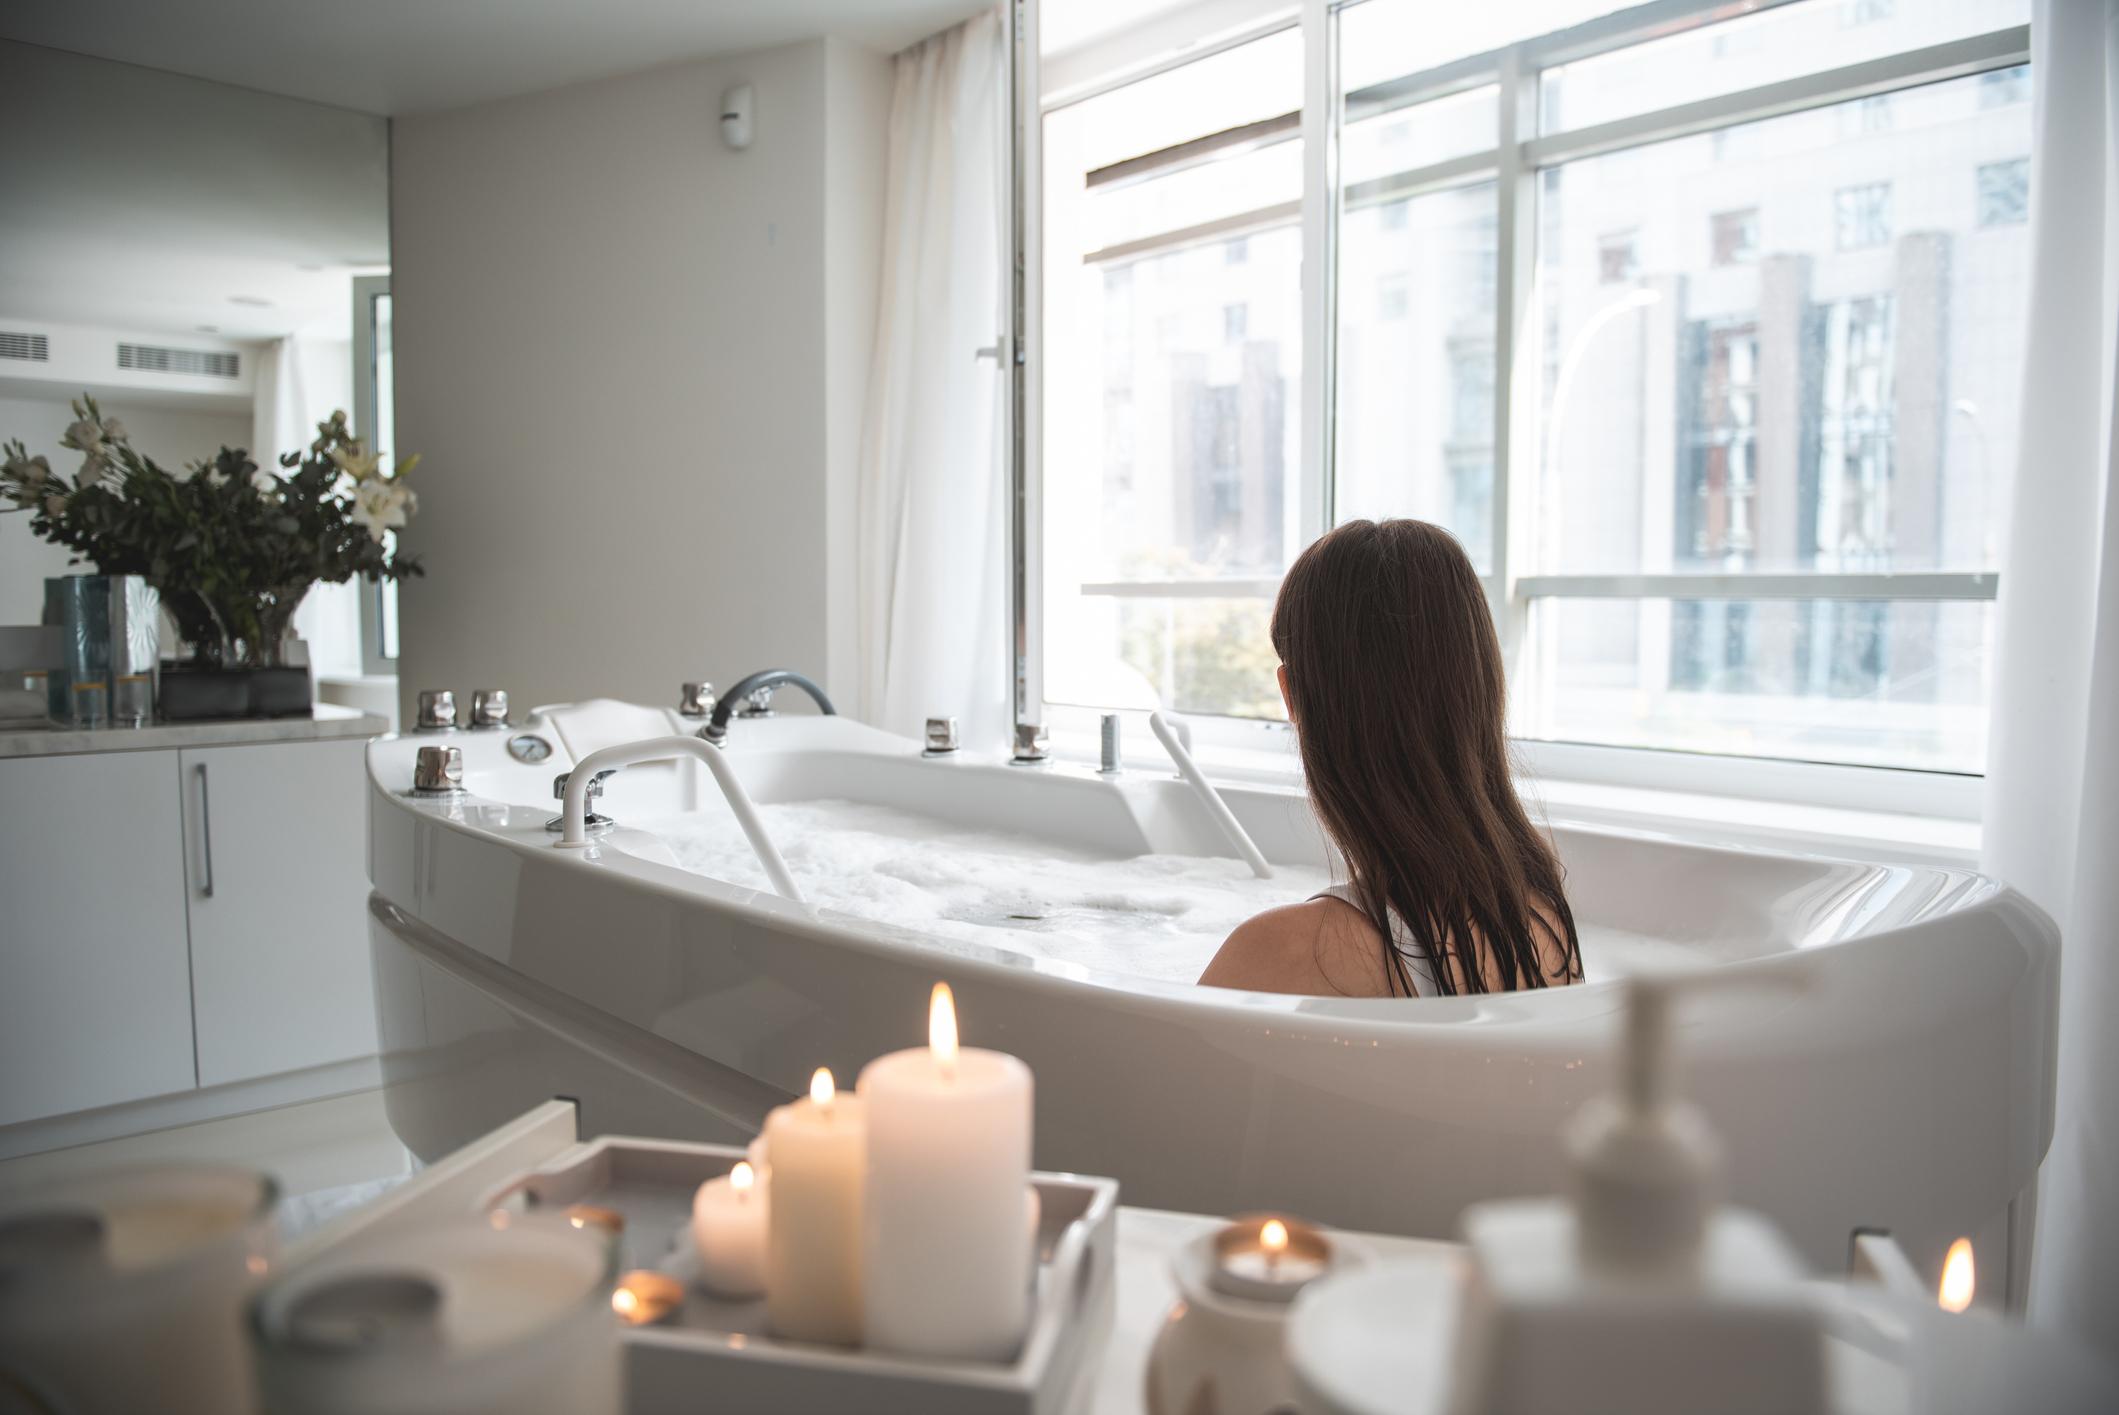 Pourquoi améliorer l'isolation de la salle de bain?